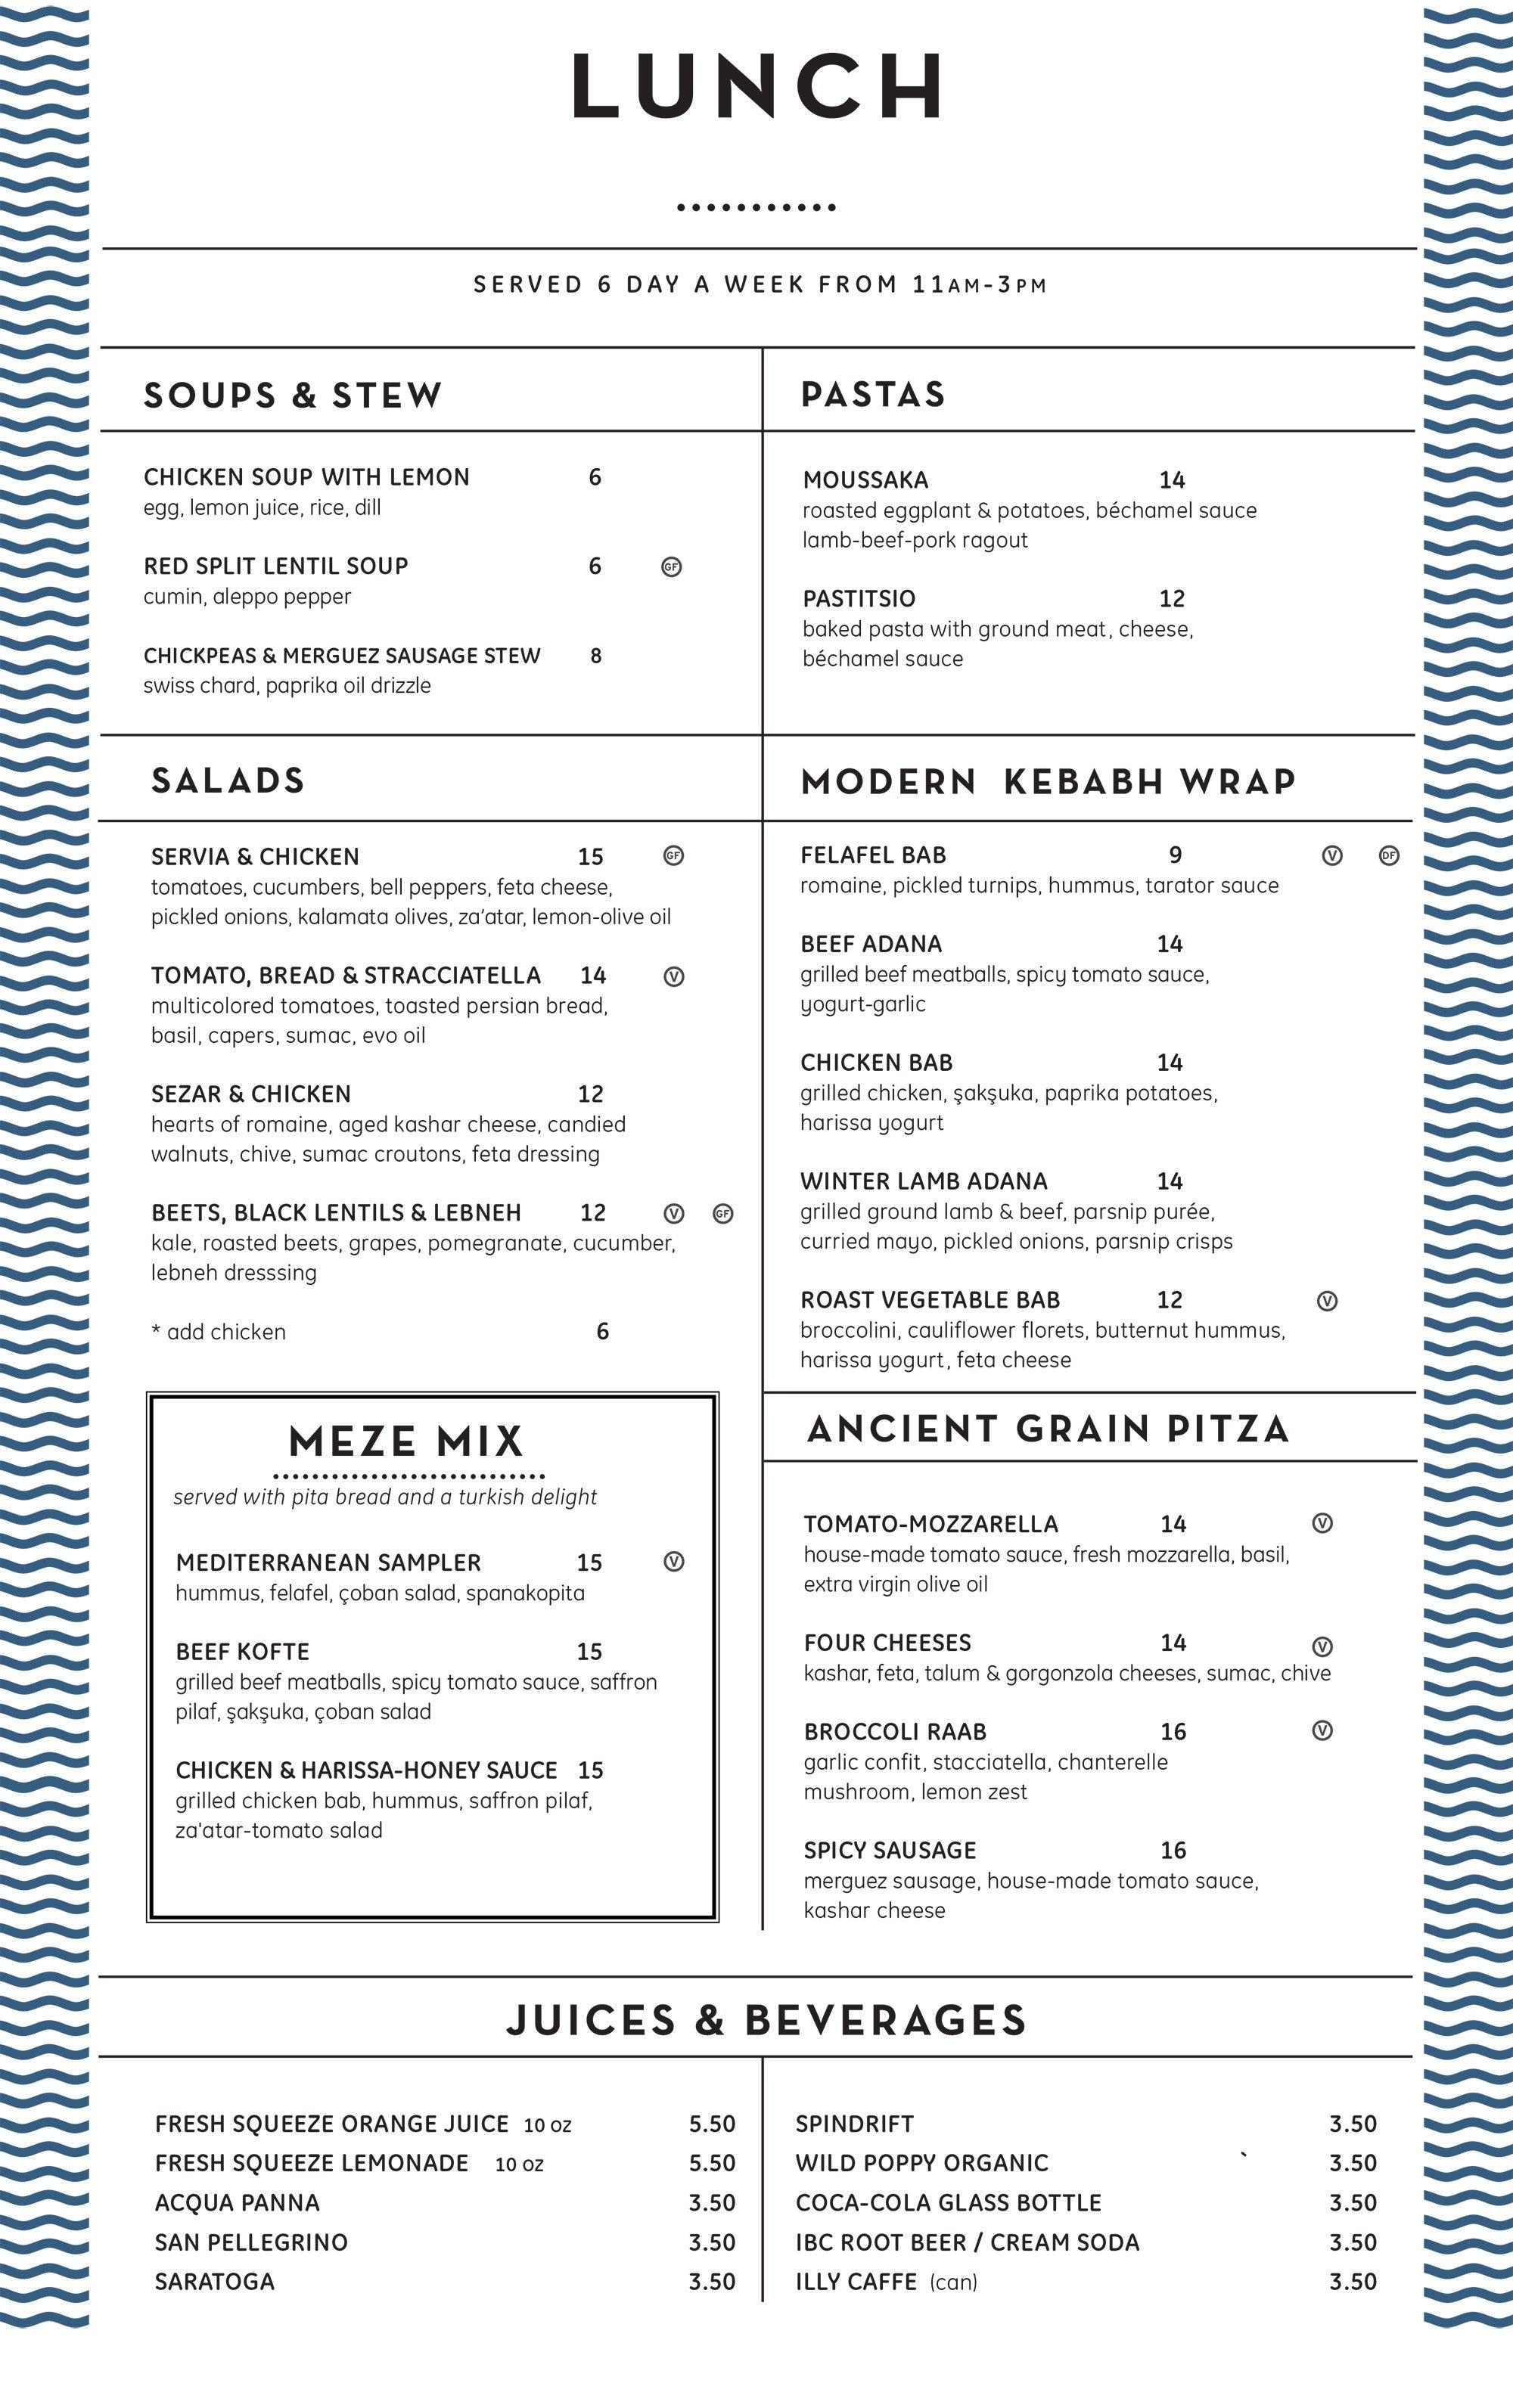 Lunch menu at Servia